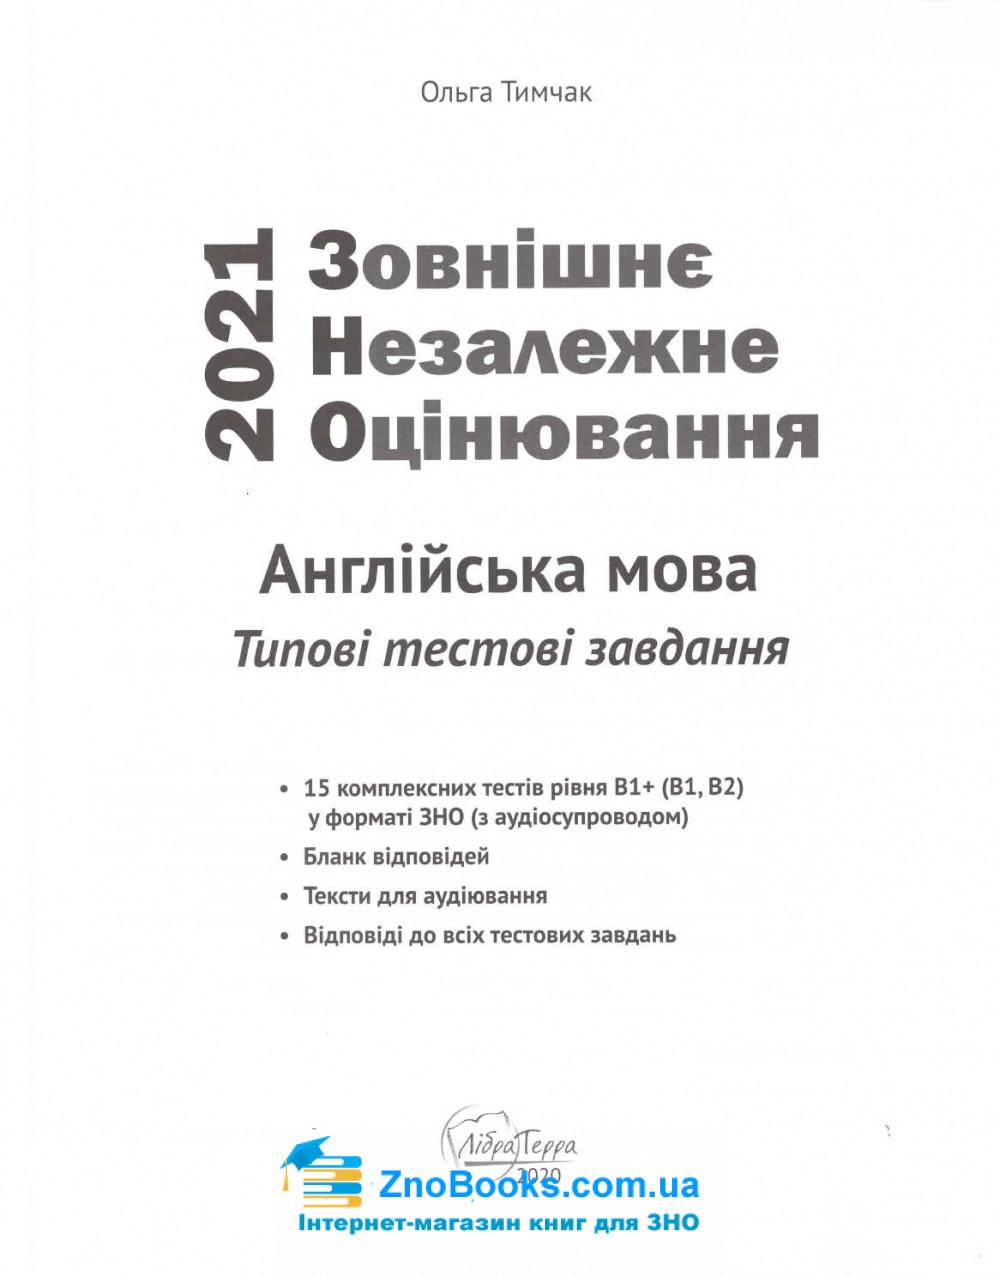 Англійська мова ЗНО 2021. Типові тестові завдання з аудіосупроводом. Тимчак О. Лібра Терра. 1